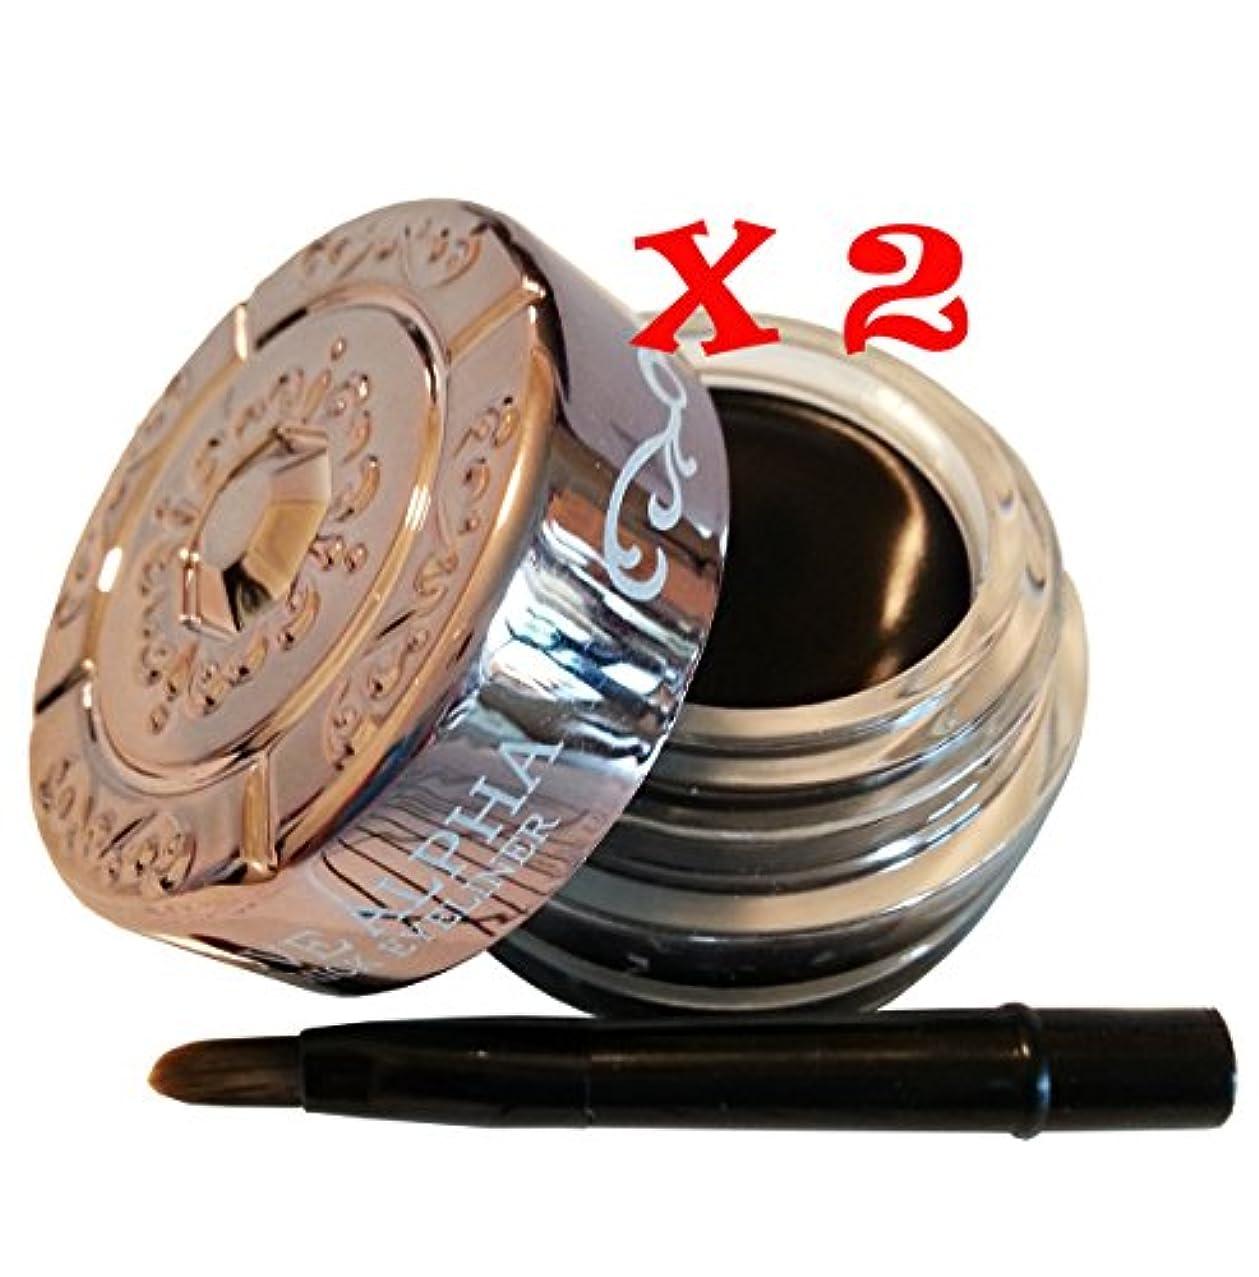 聖書ギャラリーしつけLove Alpha LA245 Waterproof Thick Eyeliner Gel Color in Black 2 Boxes Set [並行輸入品]